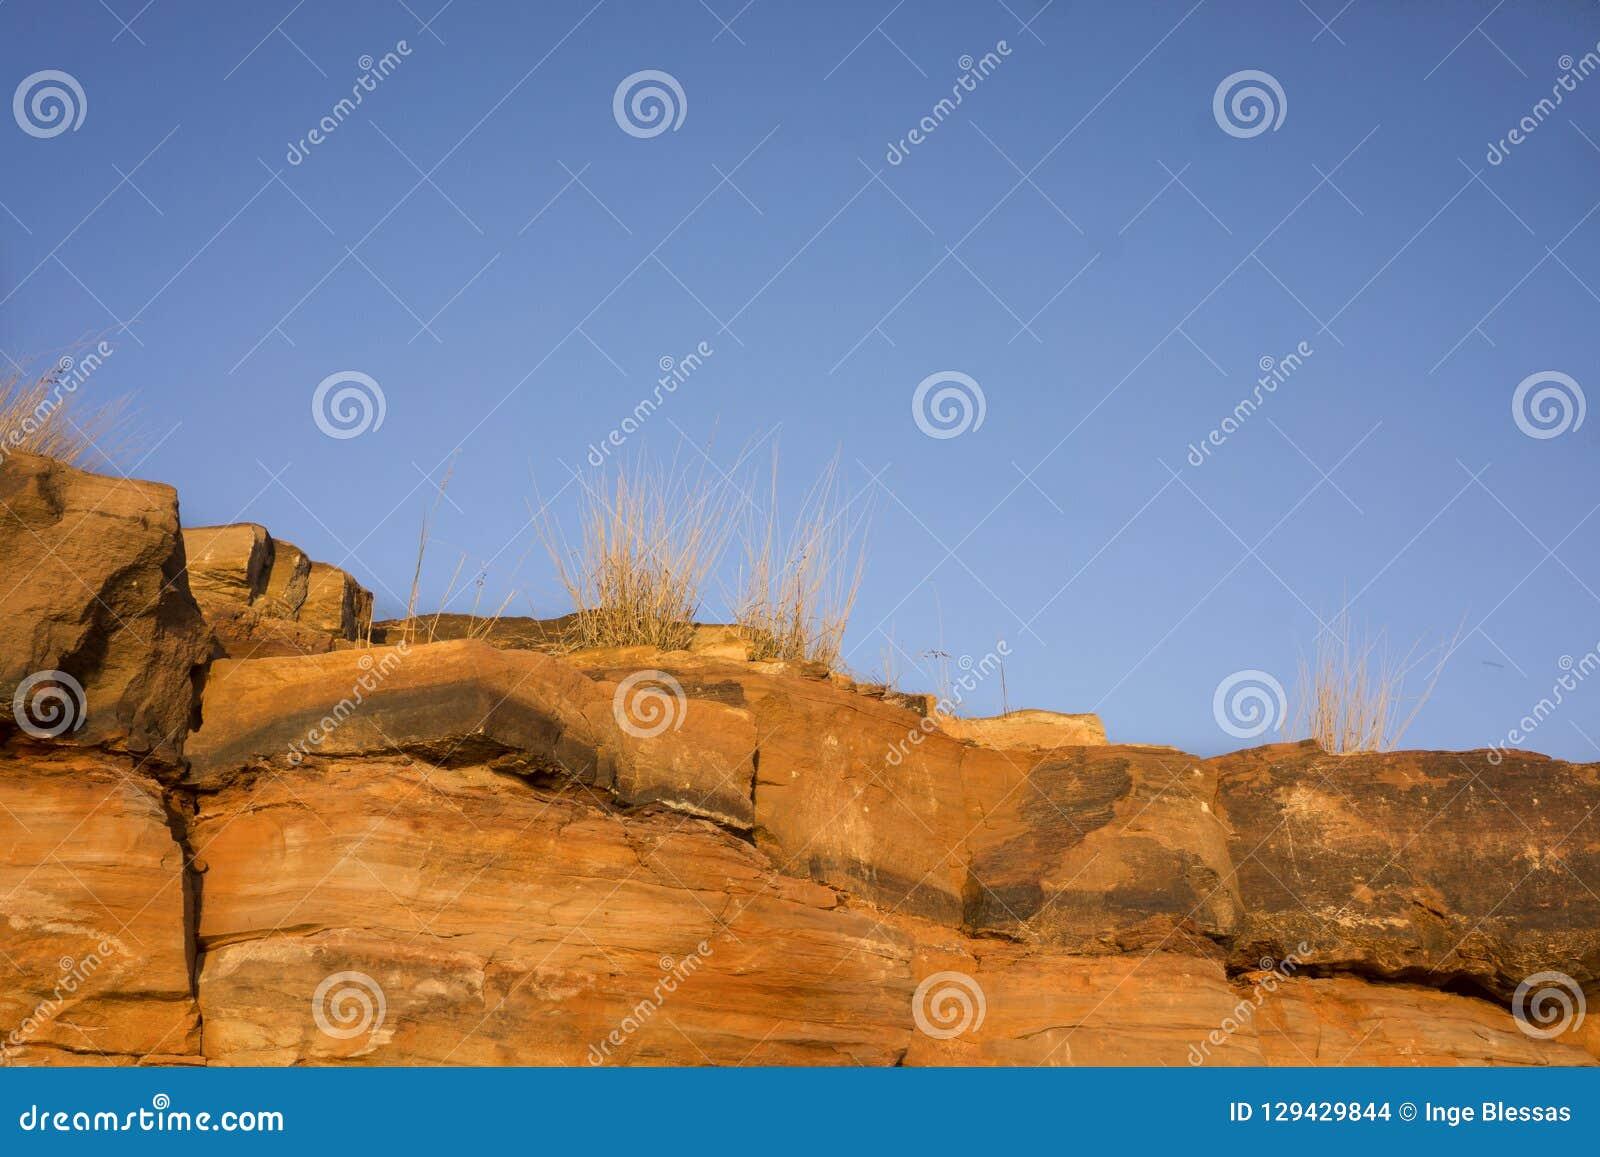 Acantilados de oro de la piedra arenisca encendidos por puesta del sol